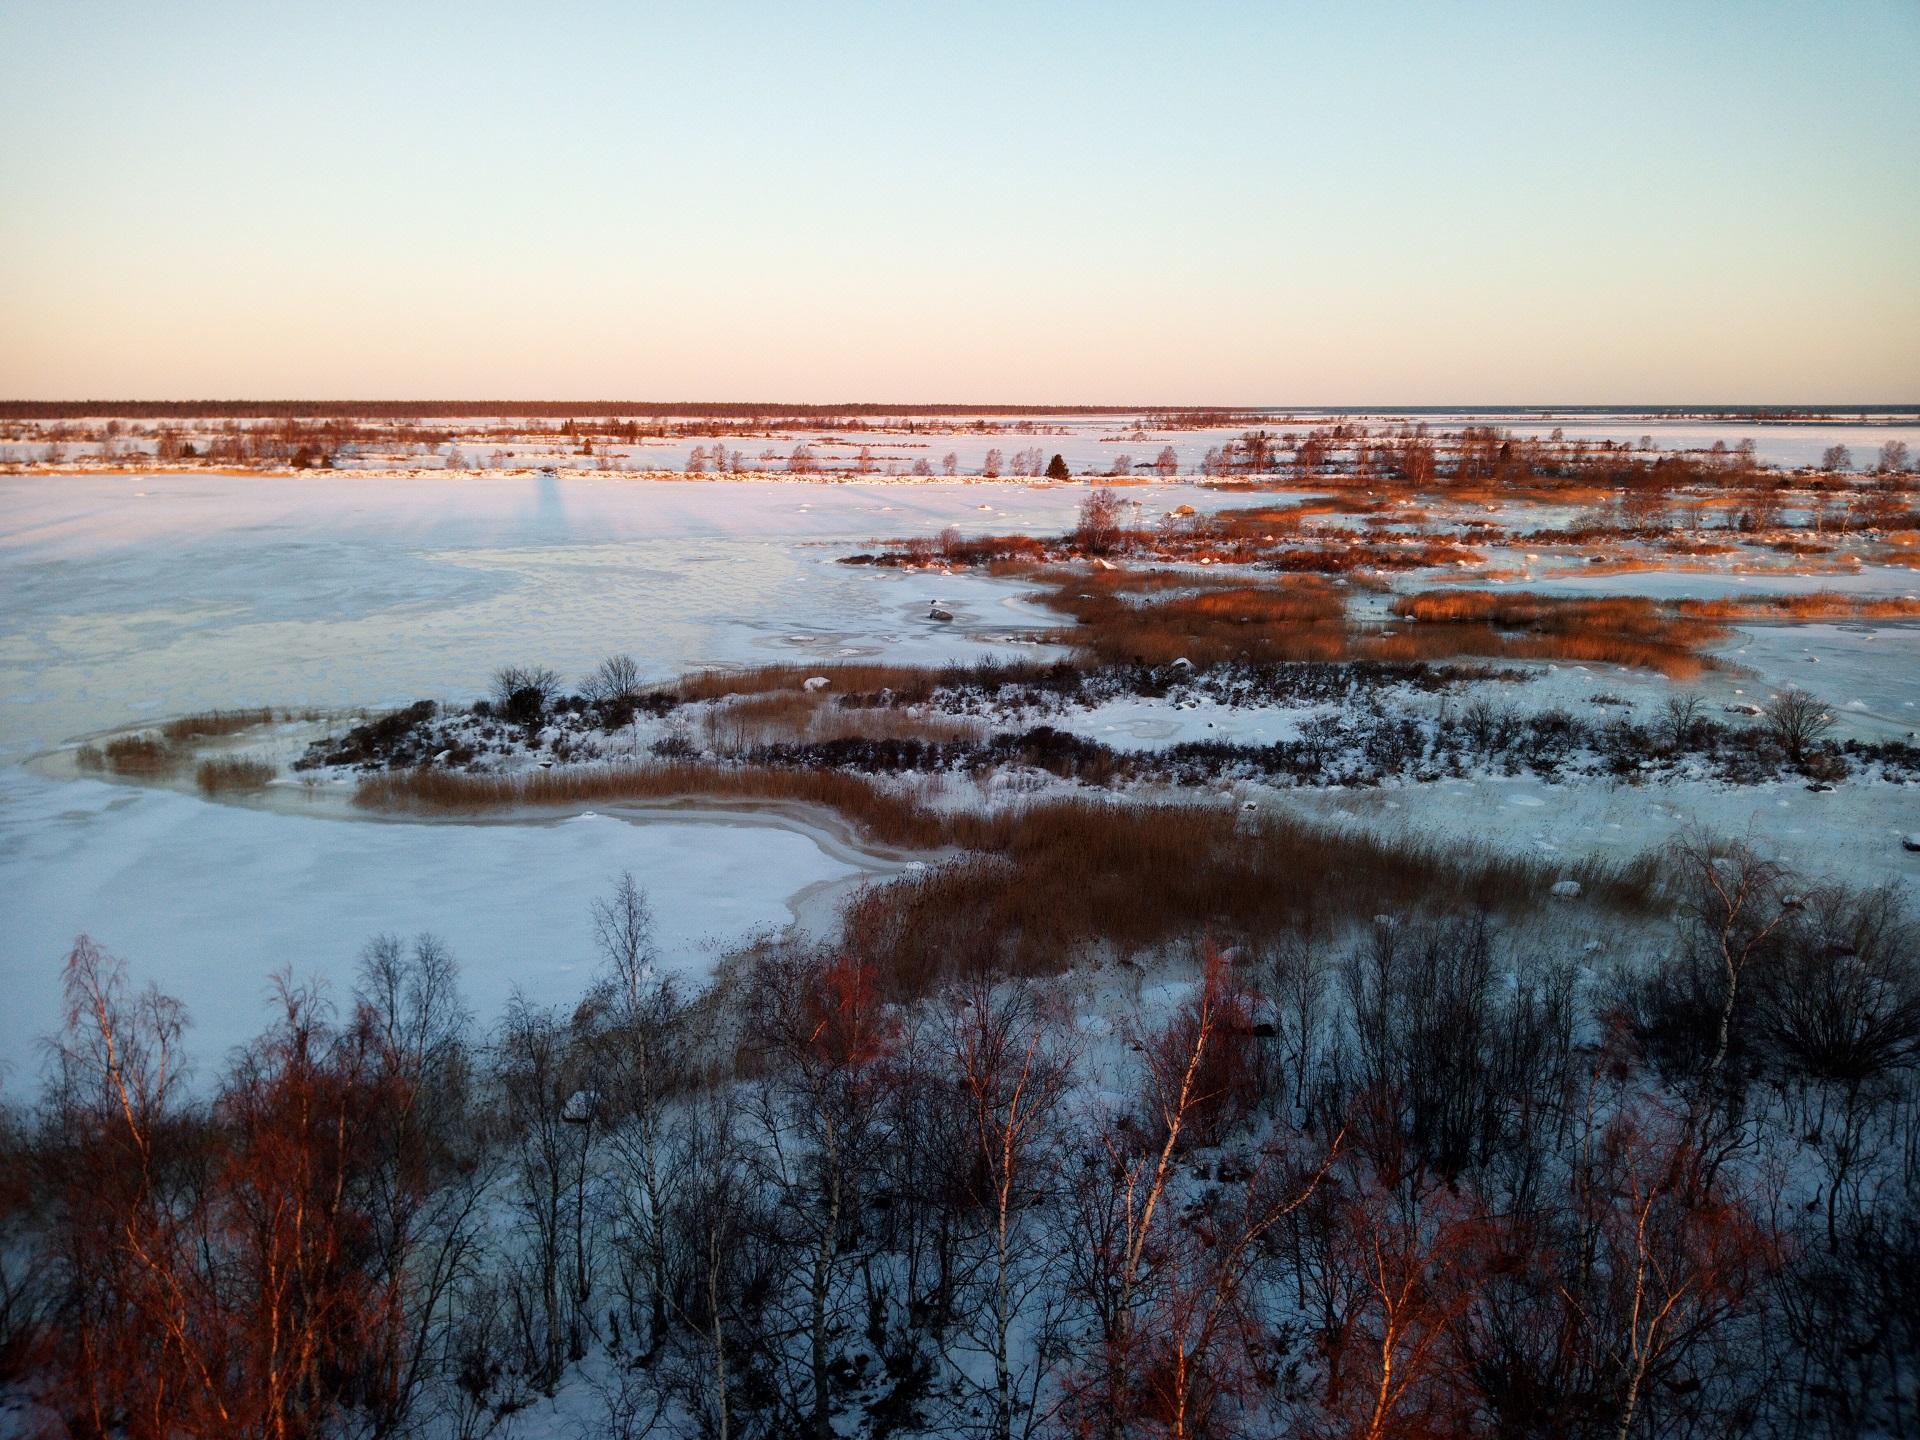 Vinterlandskap från Kvarkens skärgård, där det finns is på havet och de smala och långa öarna är täckta av snö.